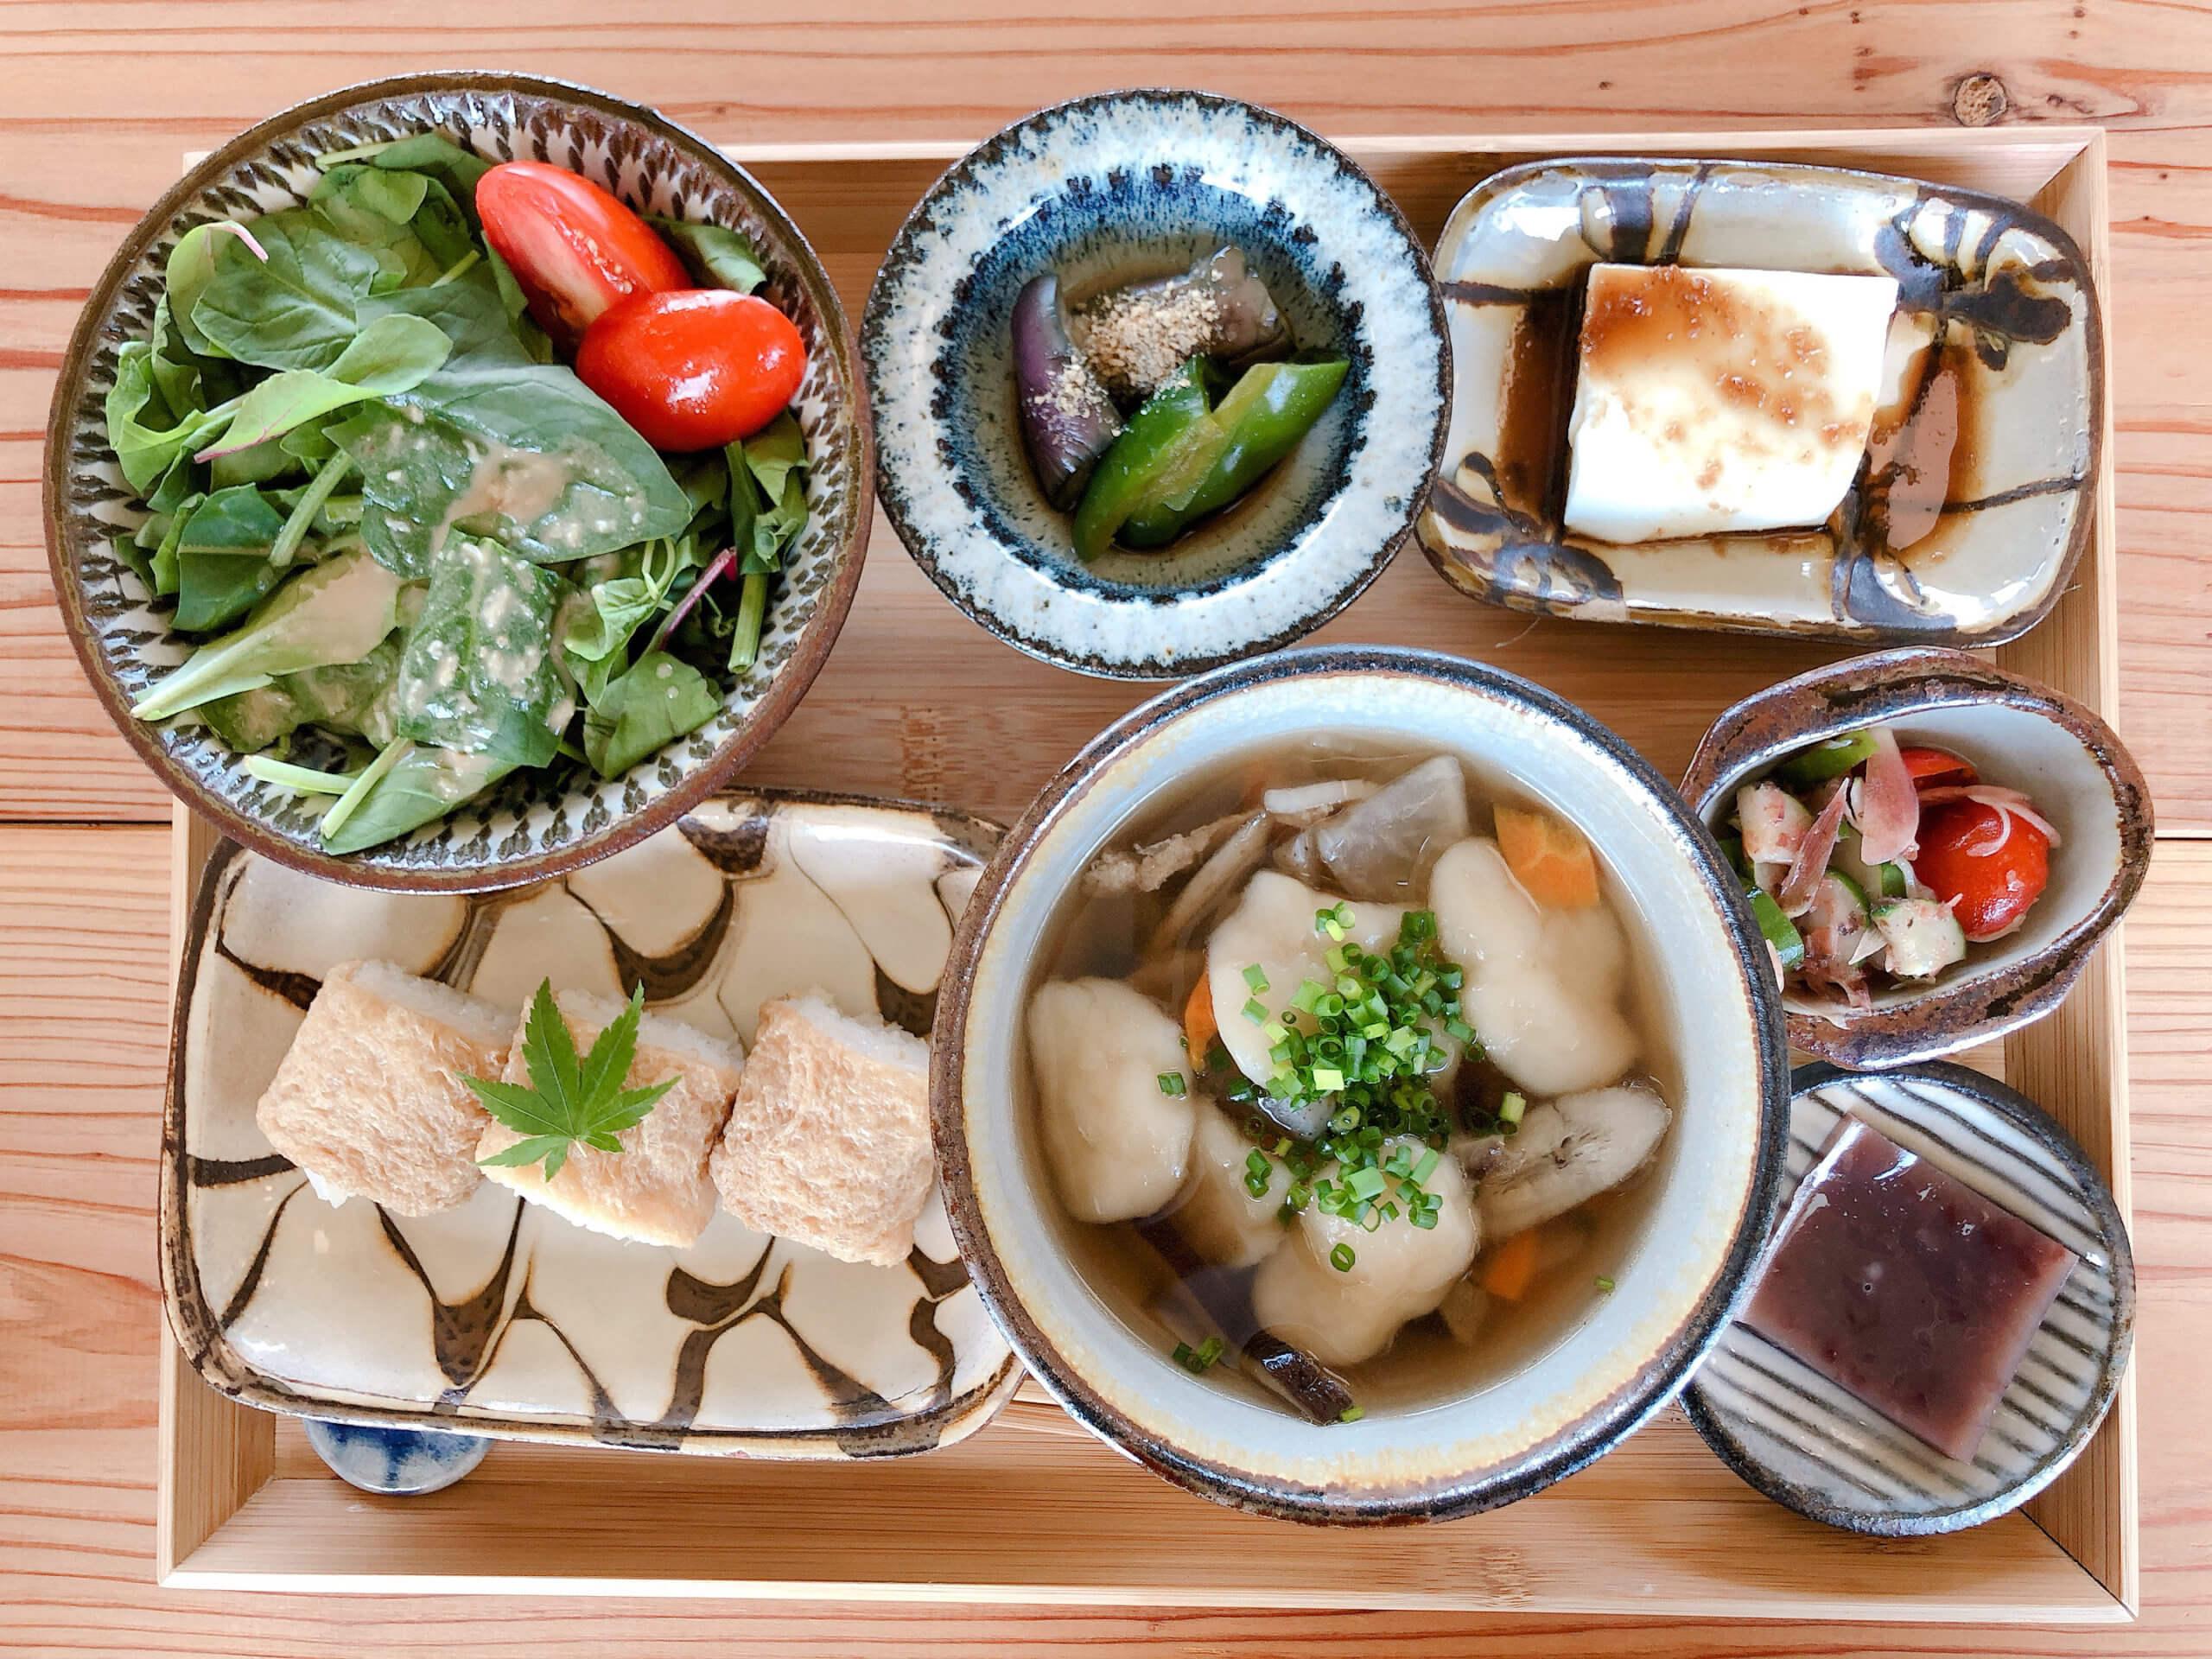 【HIKE (ハイク)】 広くてキレイなキッズスペースもある、開放感溢れるカフェ&バー&ホステル♬《熊本県玉名市秋丸》